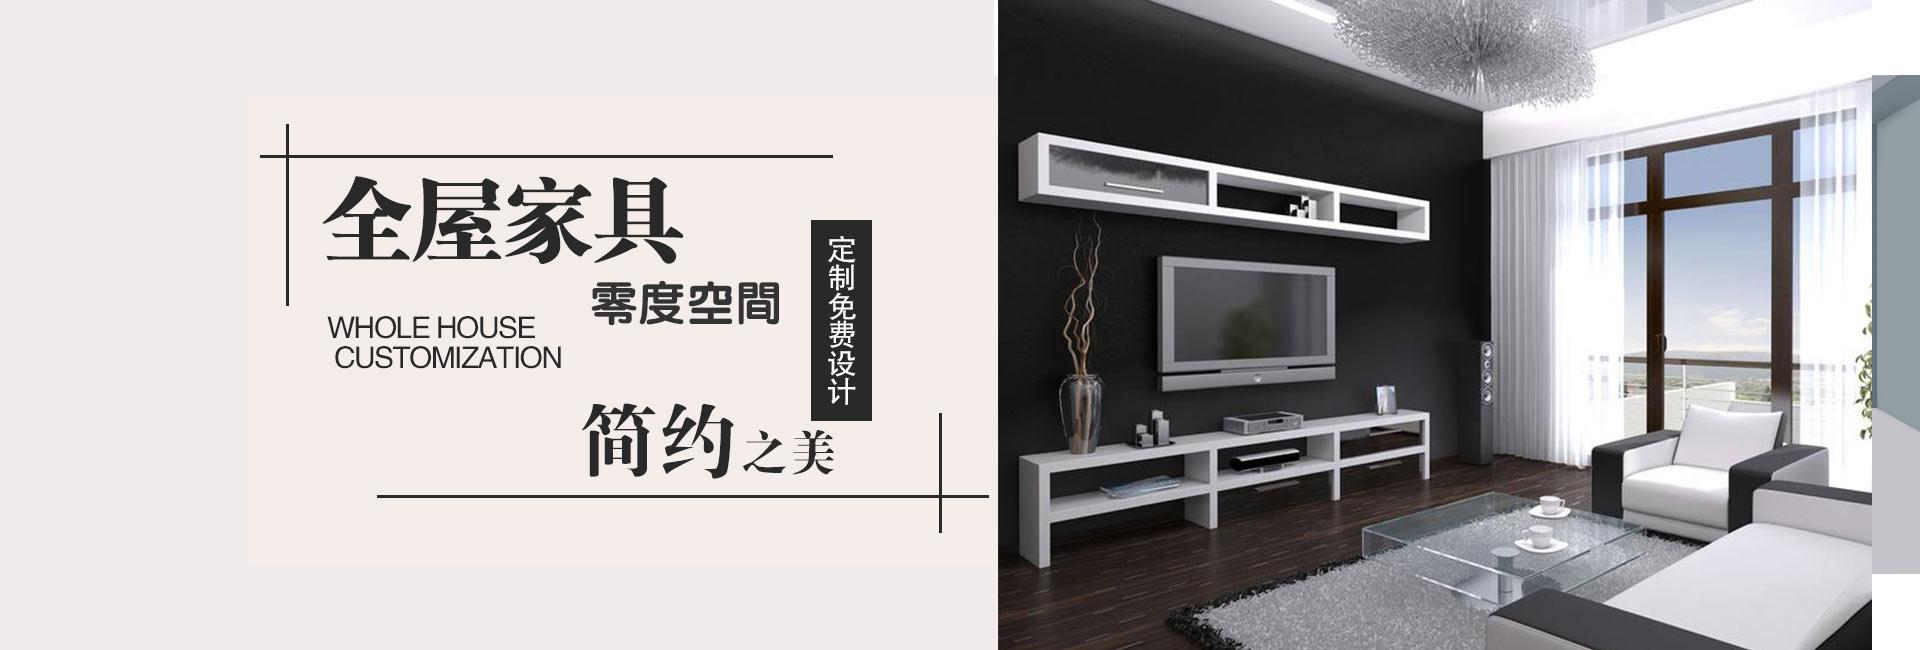 香港柏顺德装饰材料有限公司